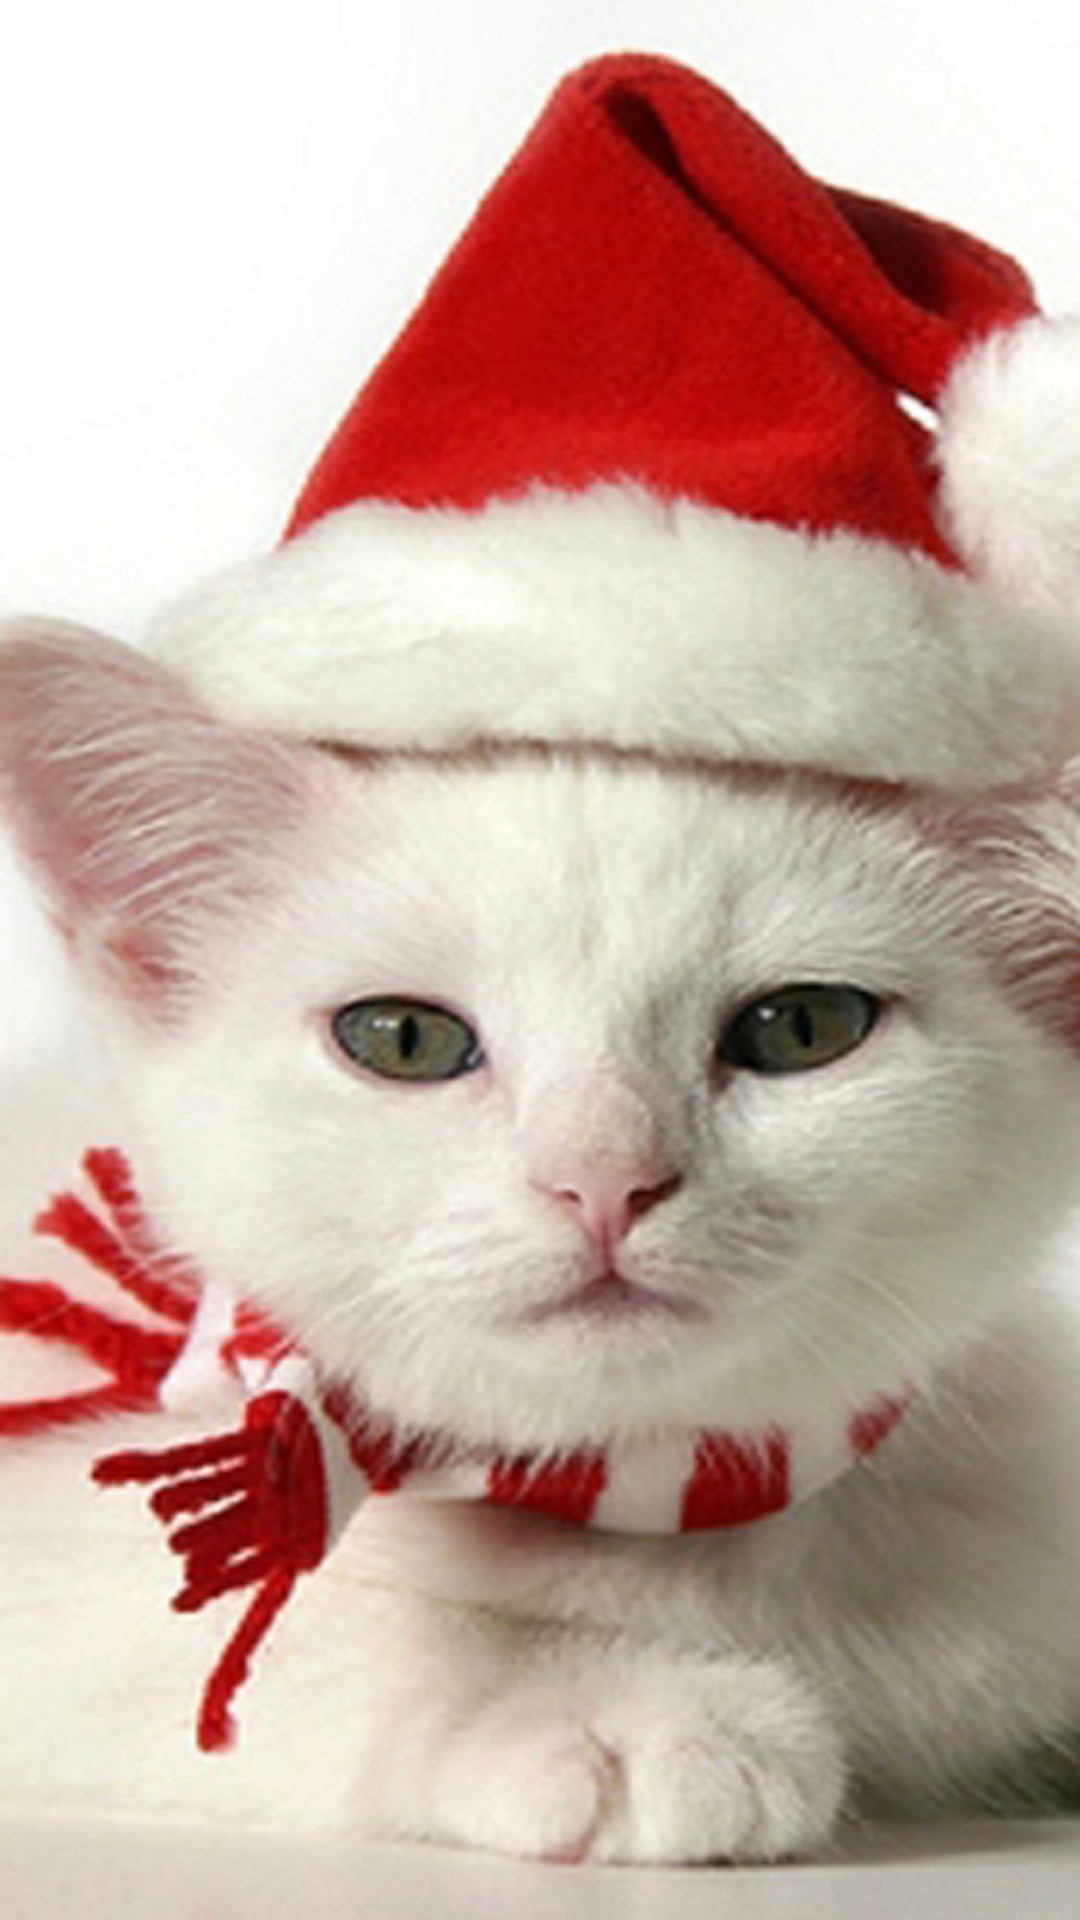 christmas 21 - 50 ảnh nền Giáng Sinh cực dễ thương cho điện thoại